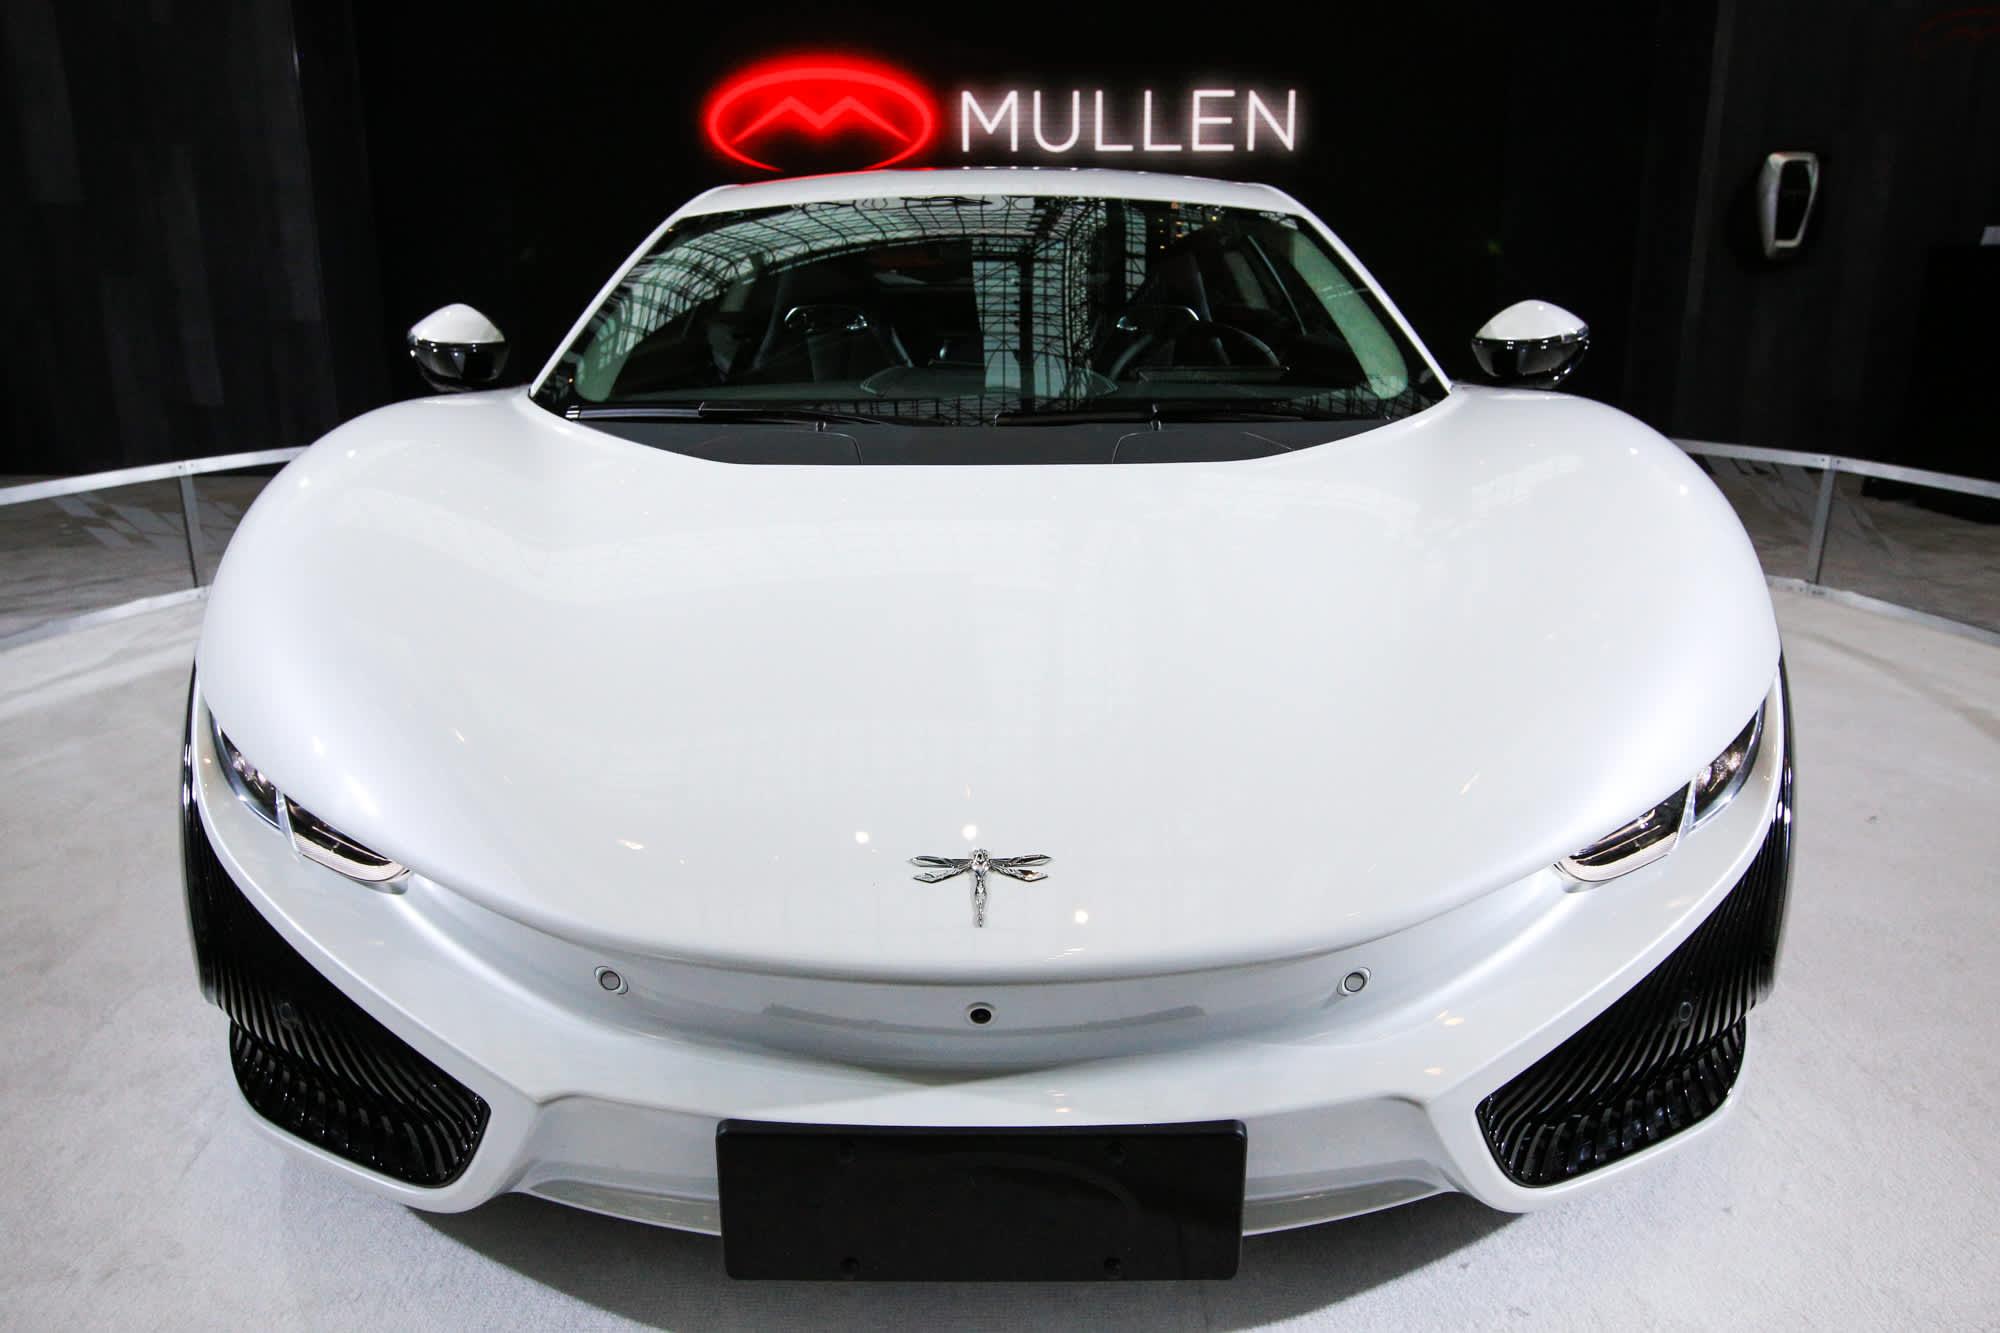 The Mullen Qiantu K50